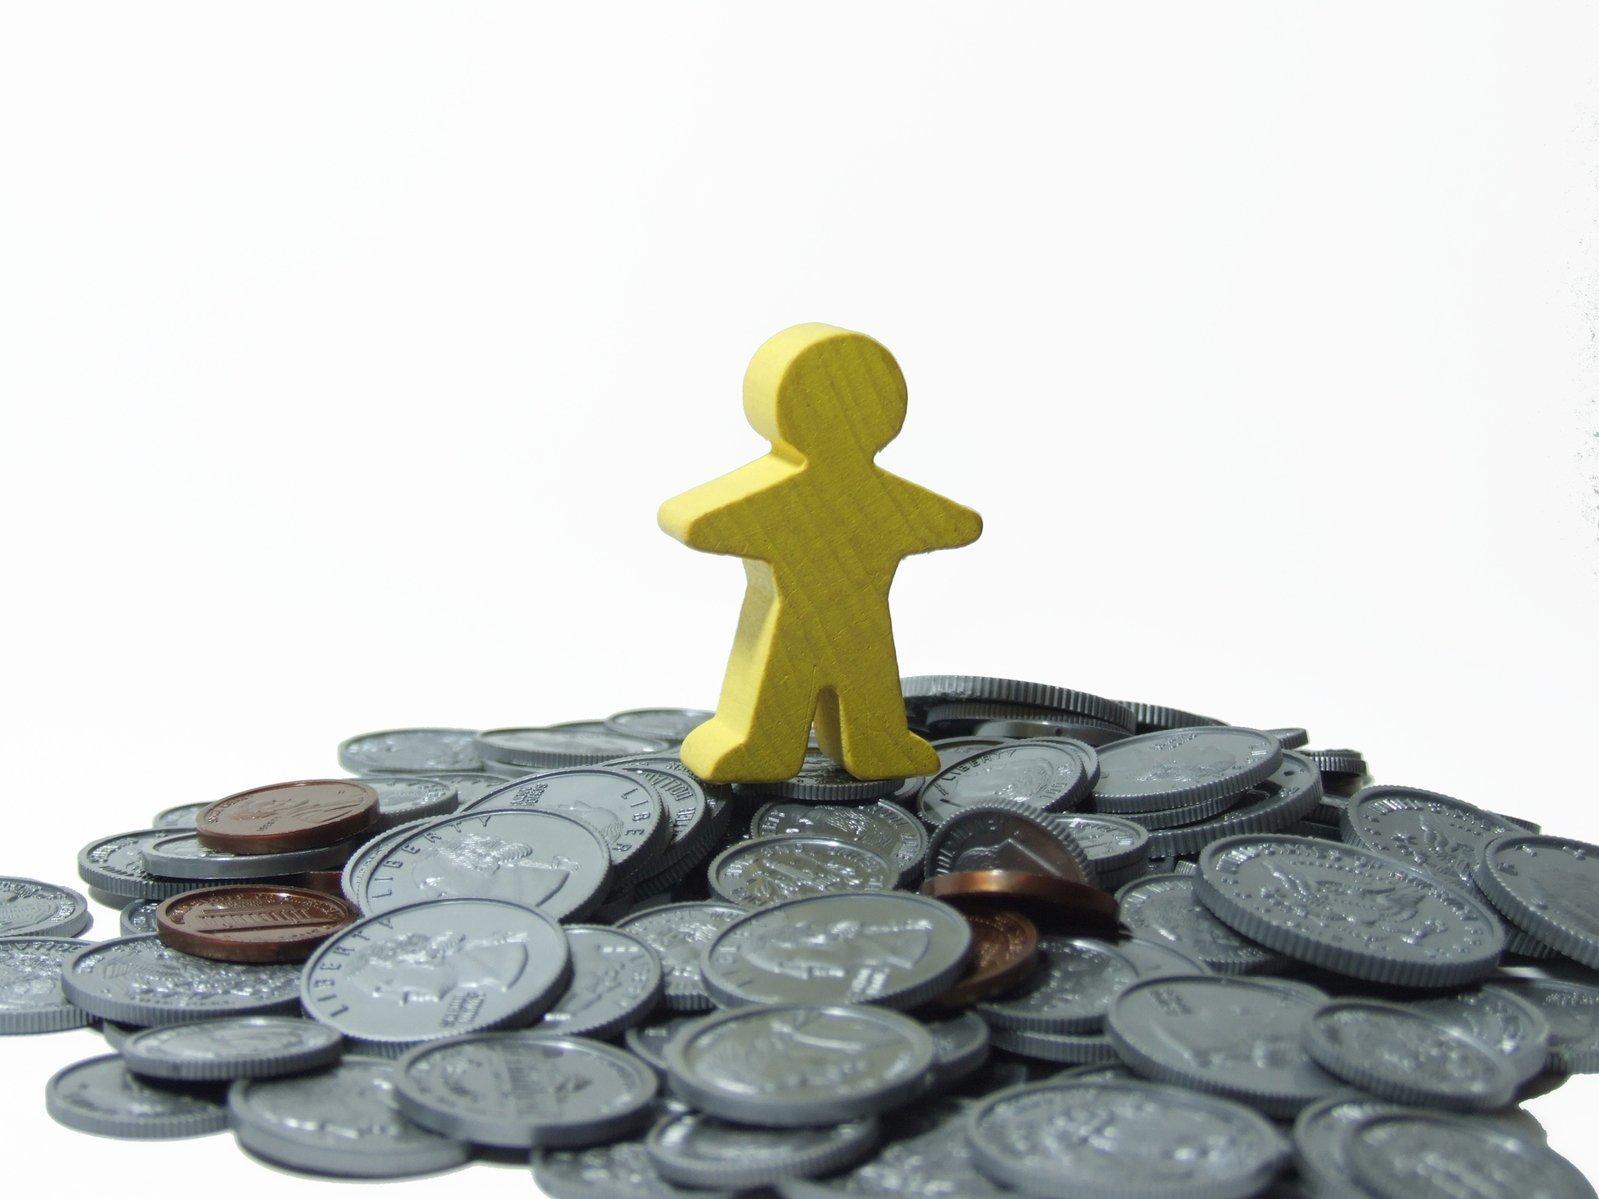 金儲けは悪なのか? お金は神様からのご褒美、あなたの行動とアイデアが形となったもの